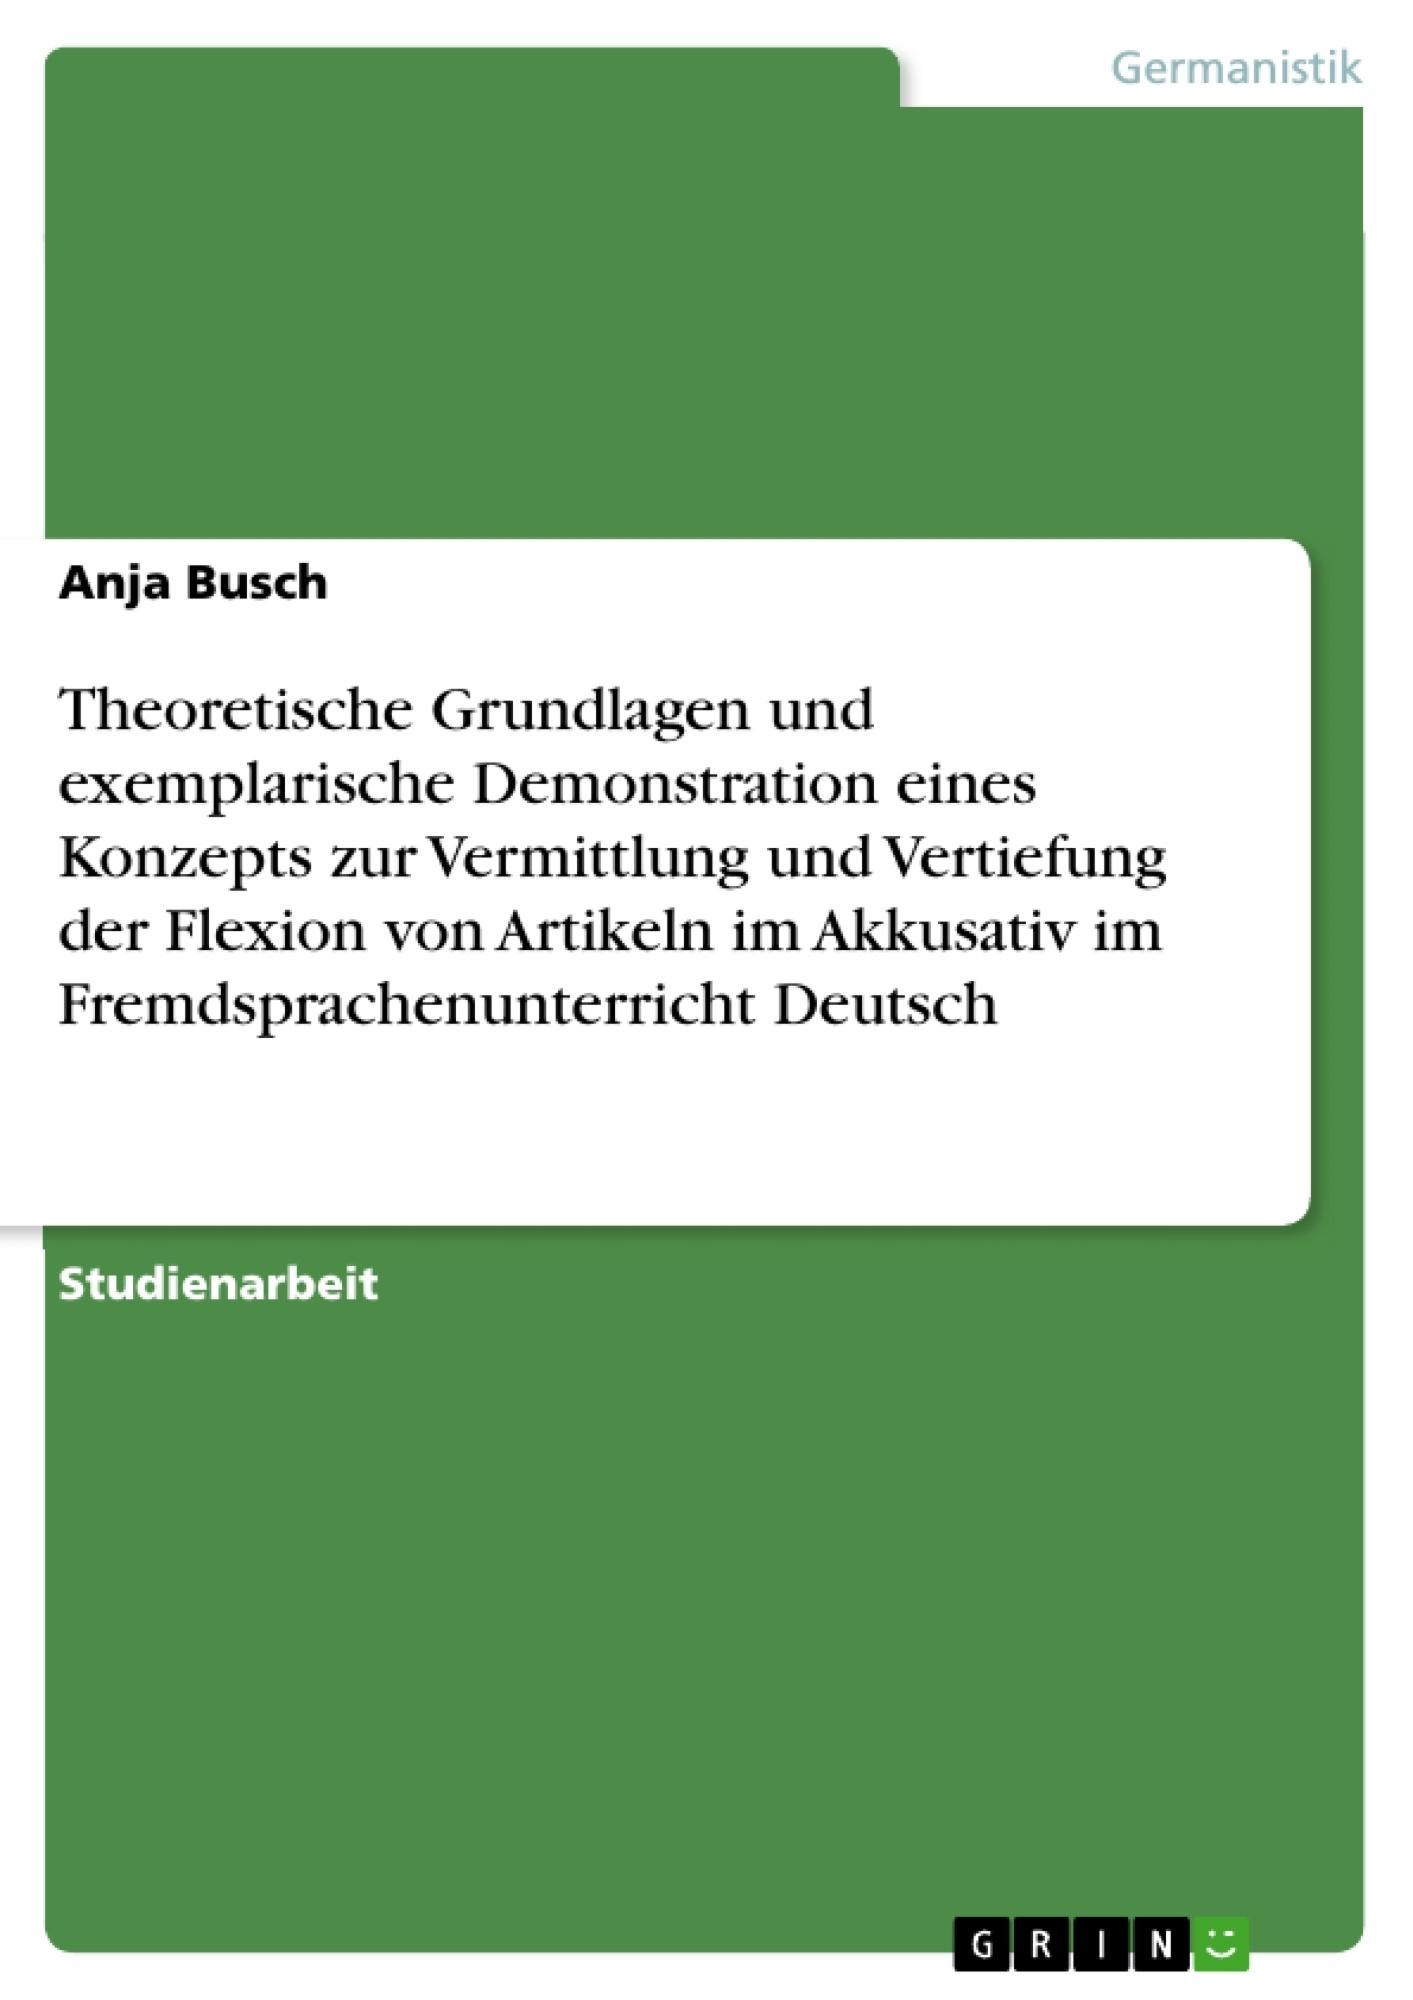 Titel: Theoretische Grundlagen und exemplarische Demonstration eines Konzepts zur Vermittlung und Vertiefung  der Flexion von Artikeln im Akkusativ  im Fremdsprachenunterricht Deutsch